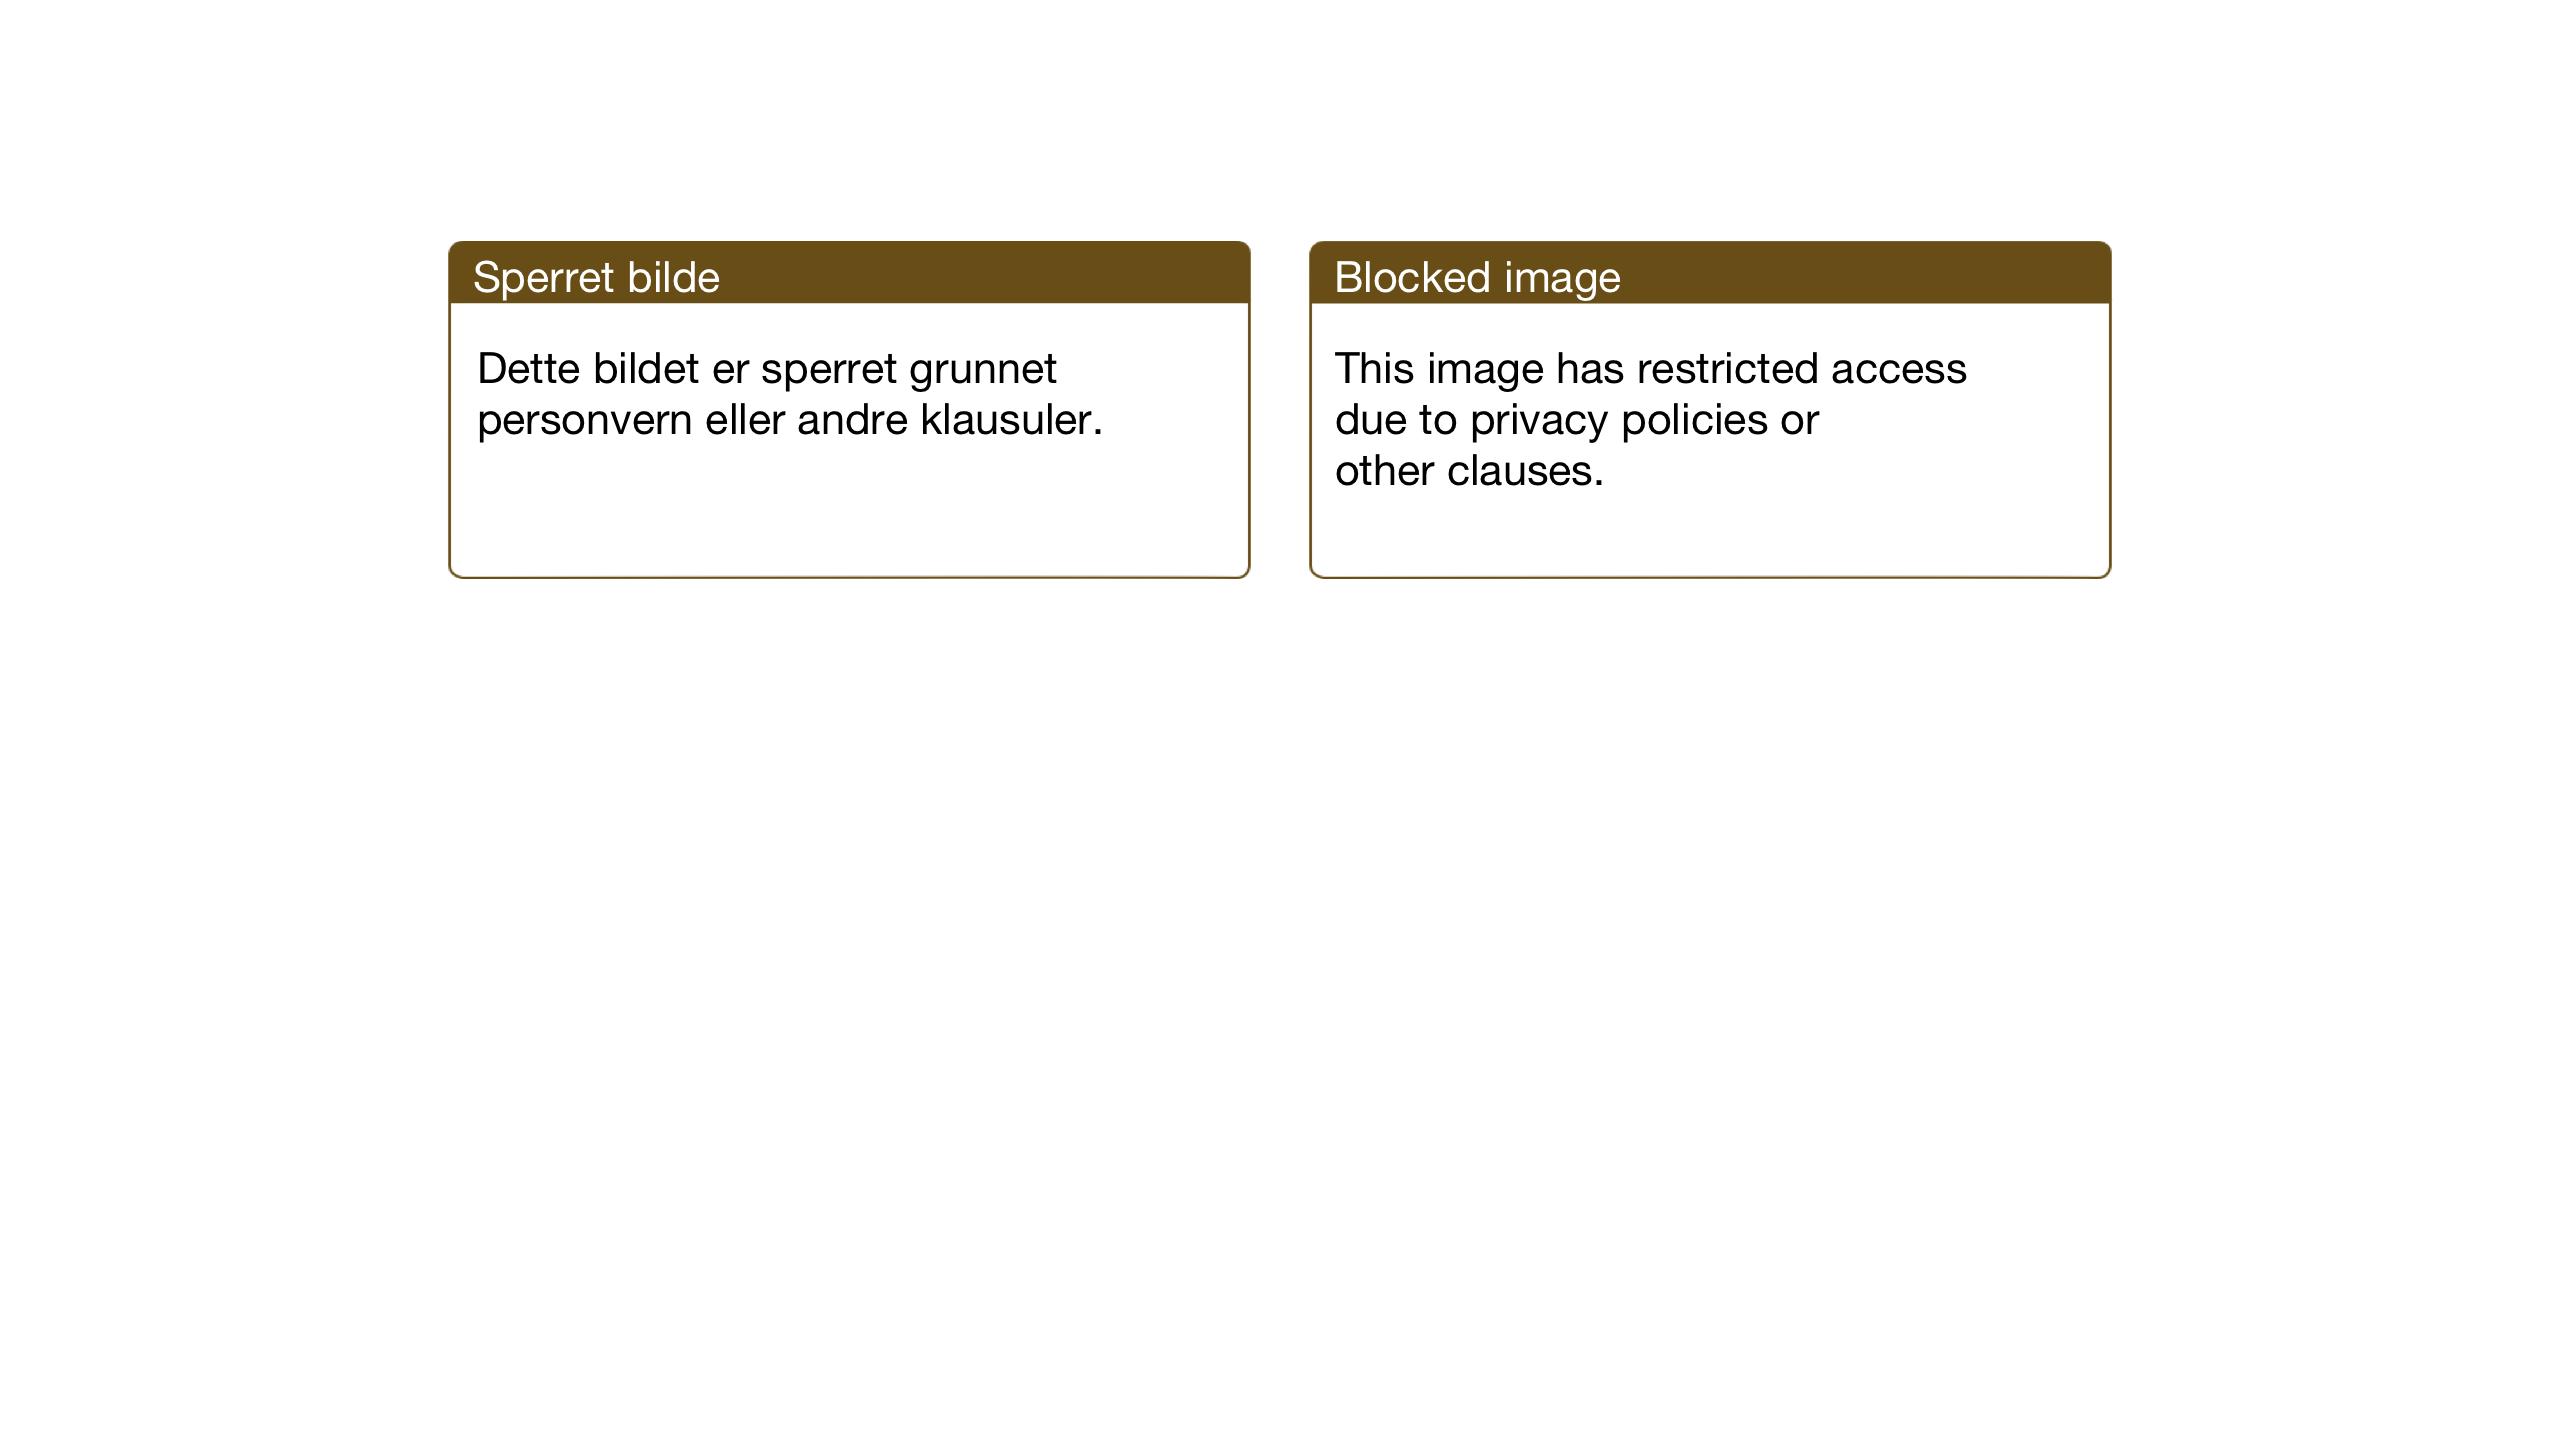 SAT, Ministerialprotokoller, klokkerbøker og fødselsregistre - Nord-Trøndelag, 722/L0227: Klokkerbok nr. 722C03, 1928-1958, s. 61